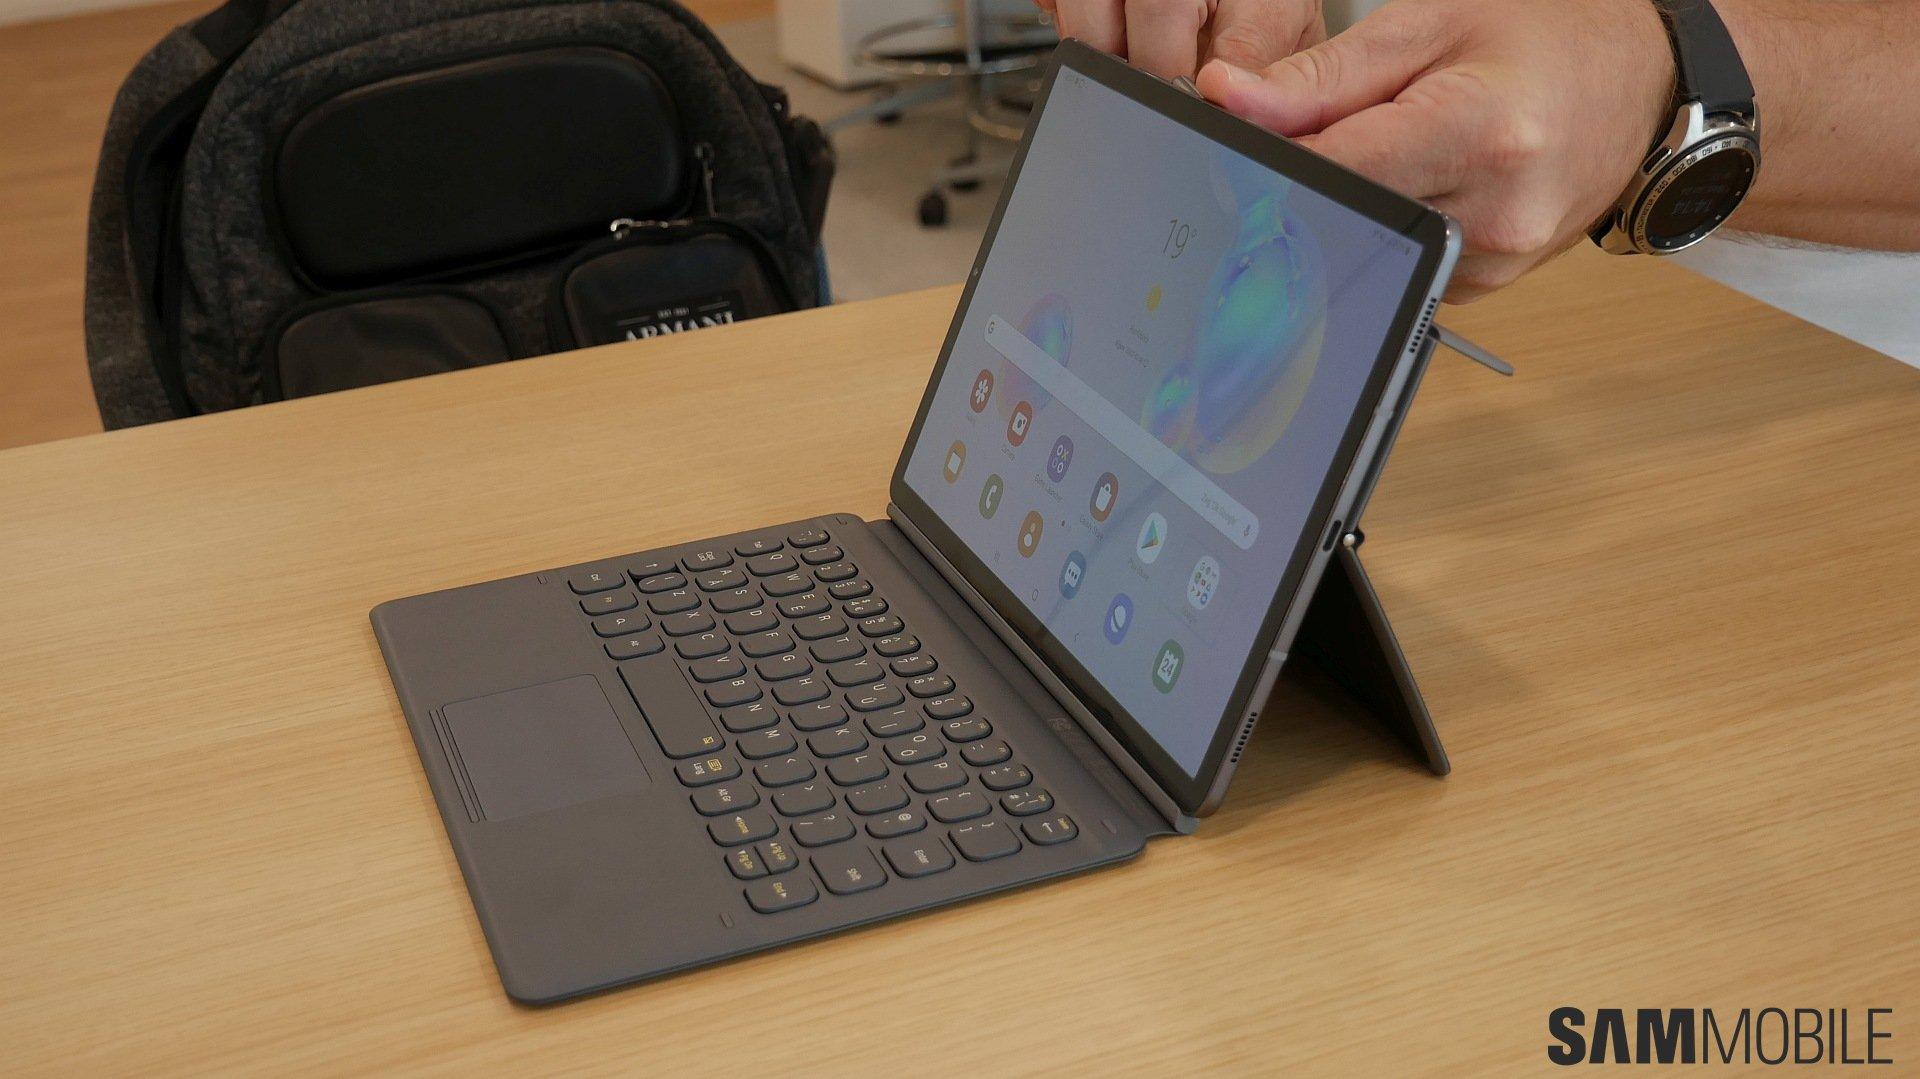 Samsung Galaxy Đánh giá Tab S6: máy tính bảng Android tốt nhất năm 2019 12